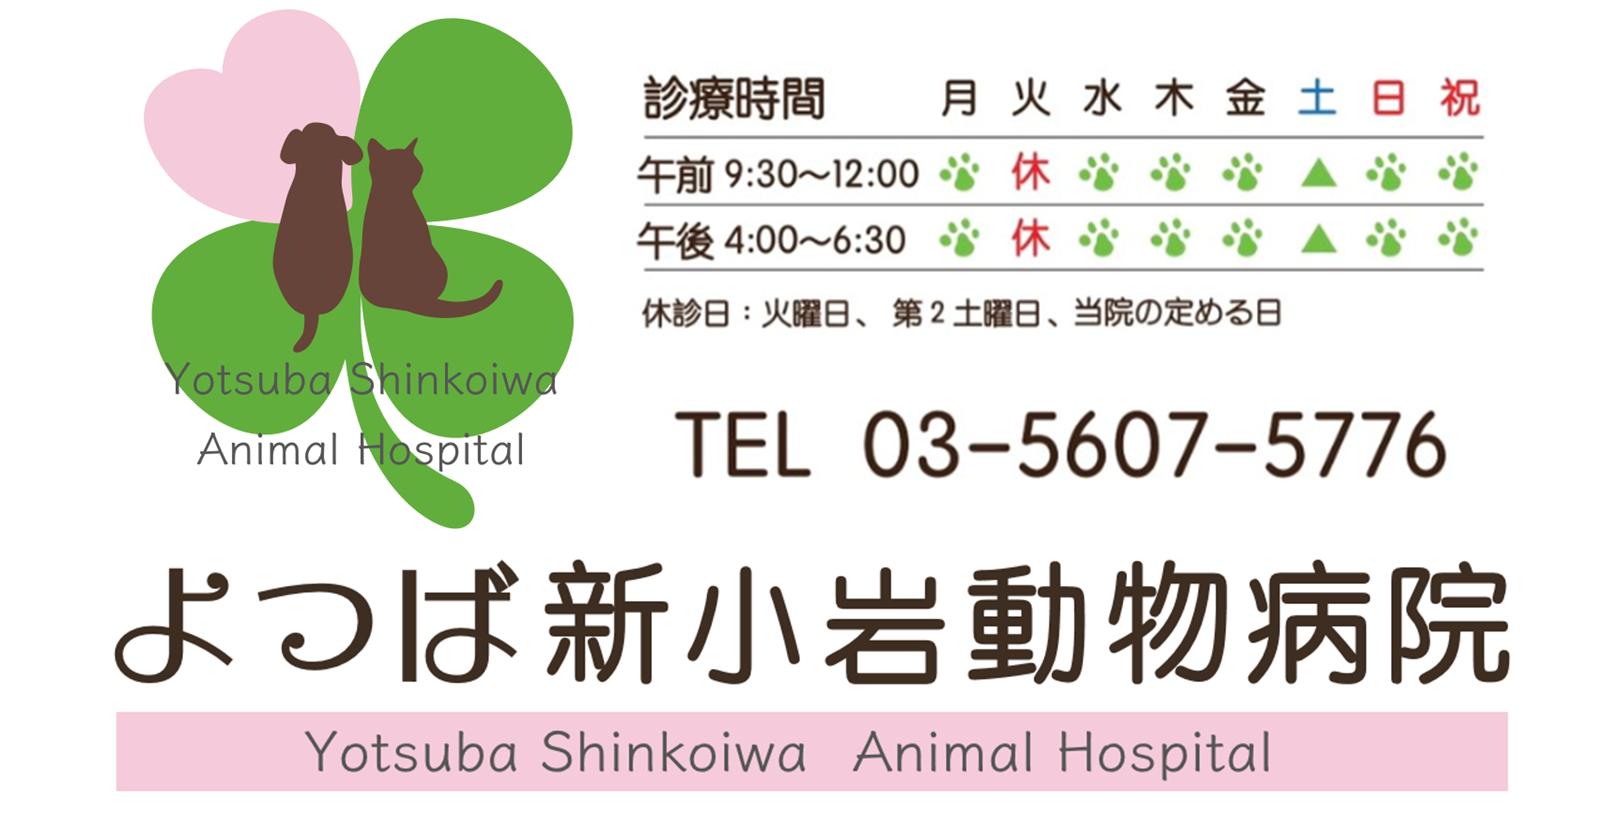 葛飾区|よつば新小岩動物病院|ペットホテル・トリミング